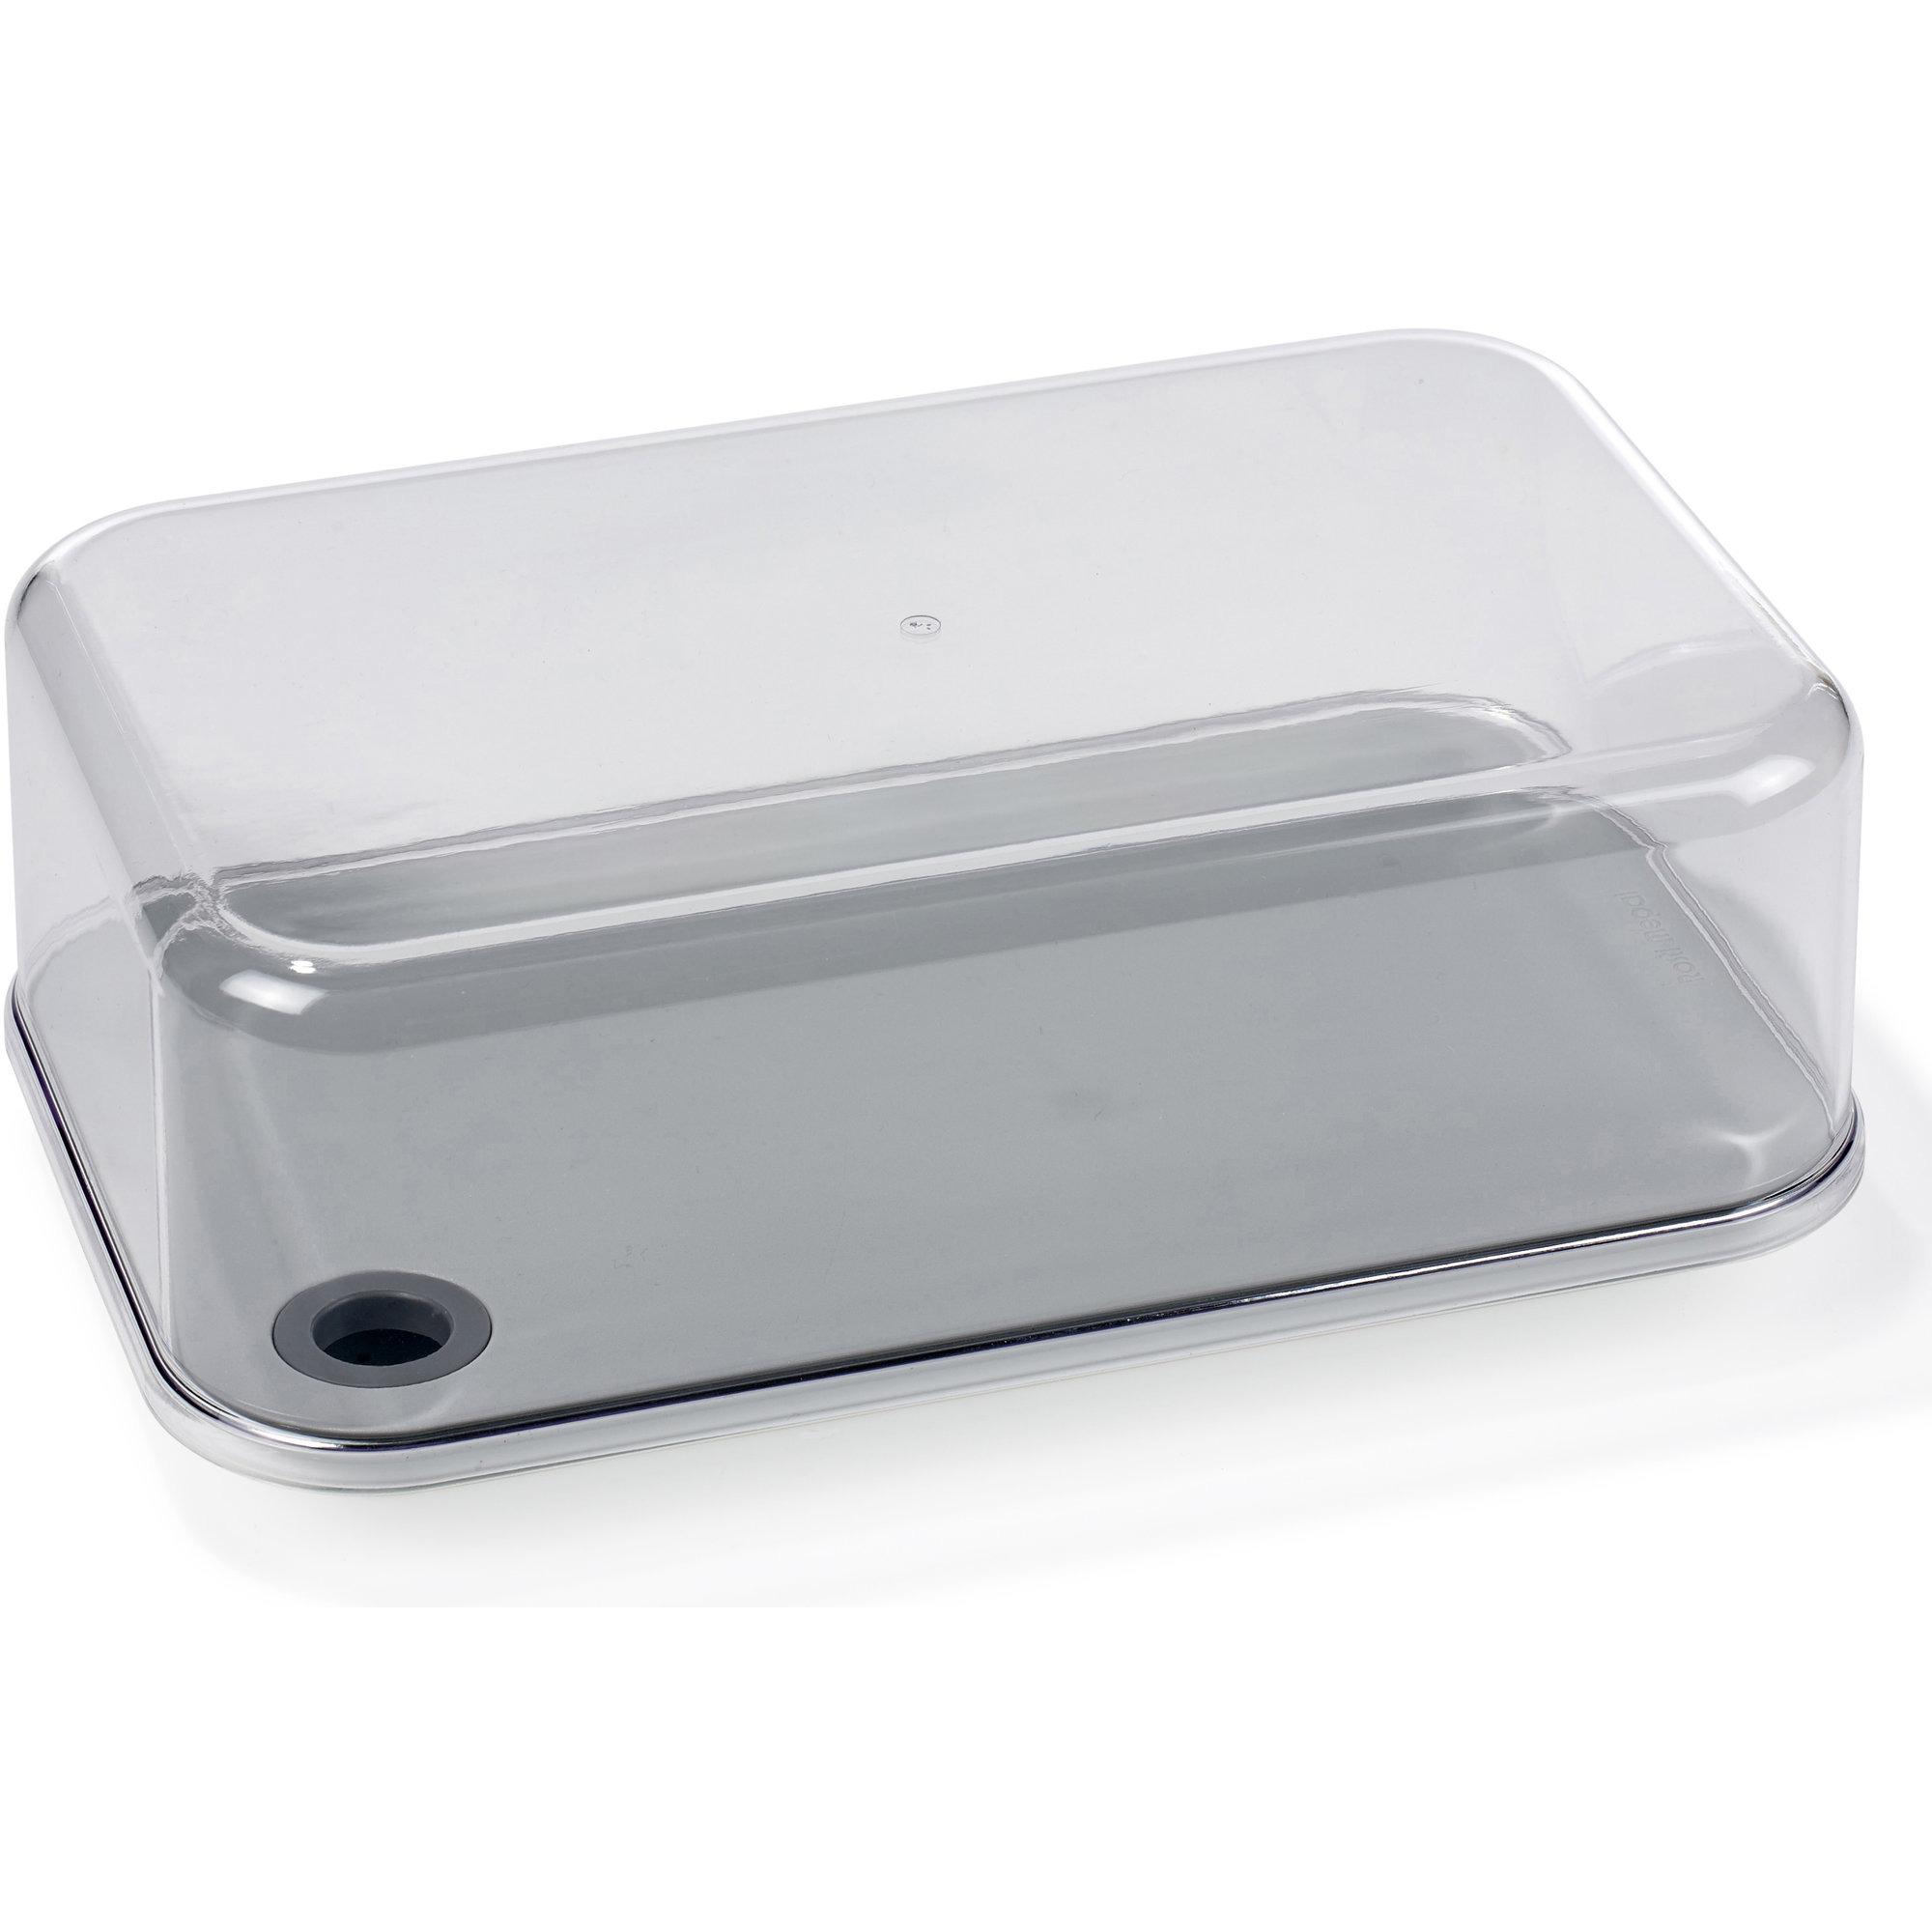 Rosti Mepal Modula Förvaringsburk Ostbox